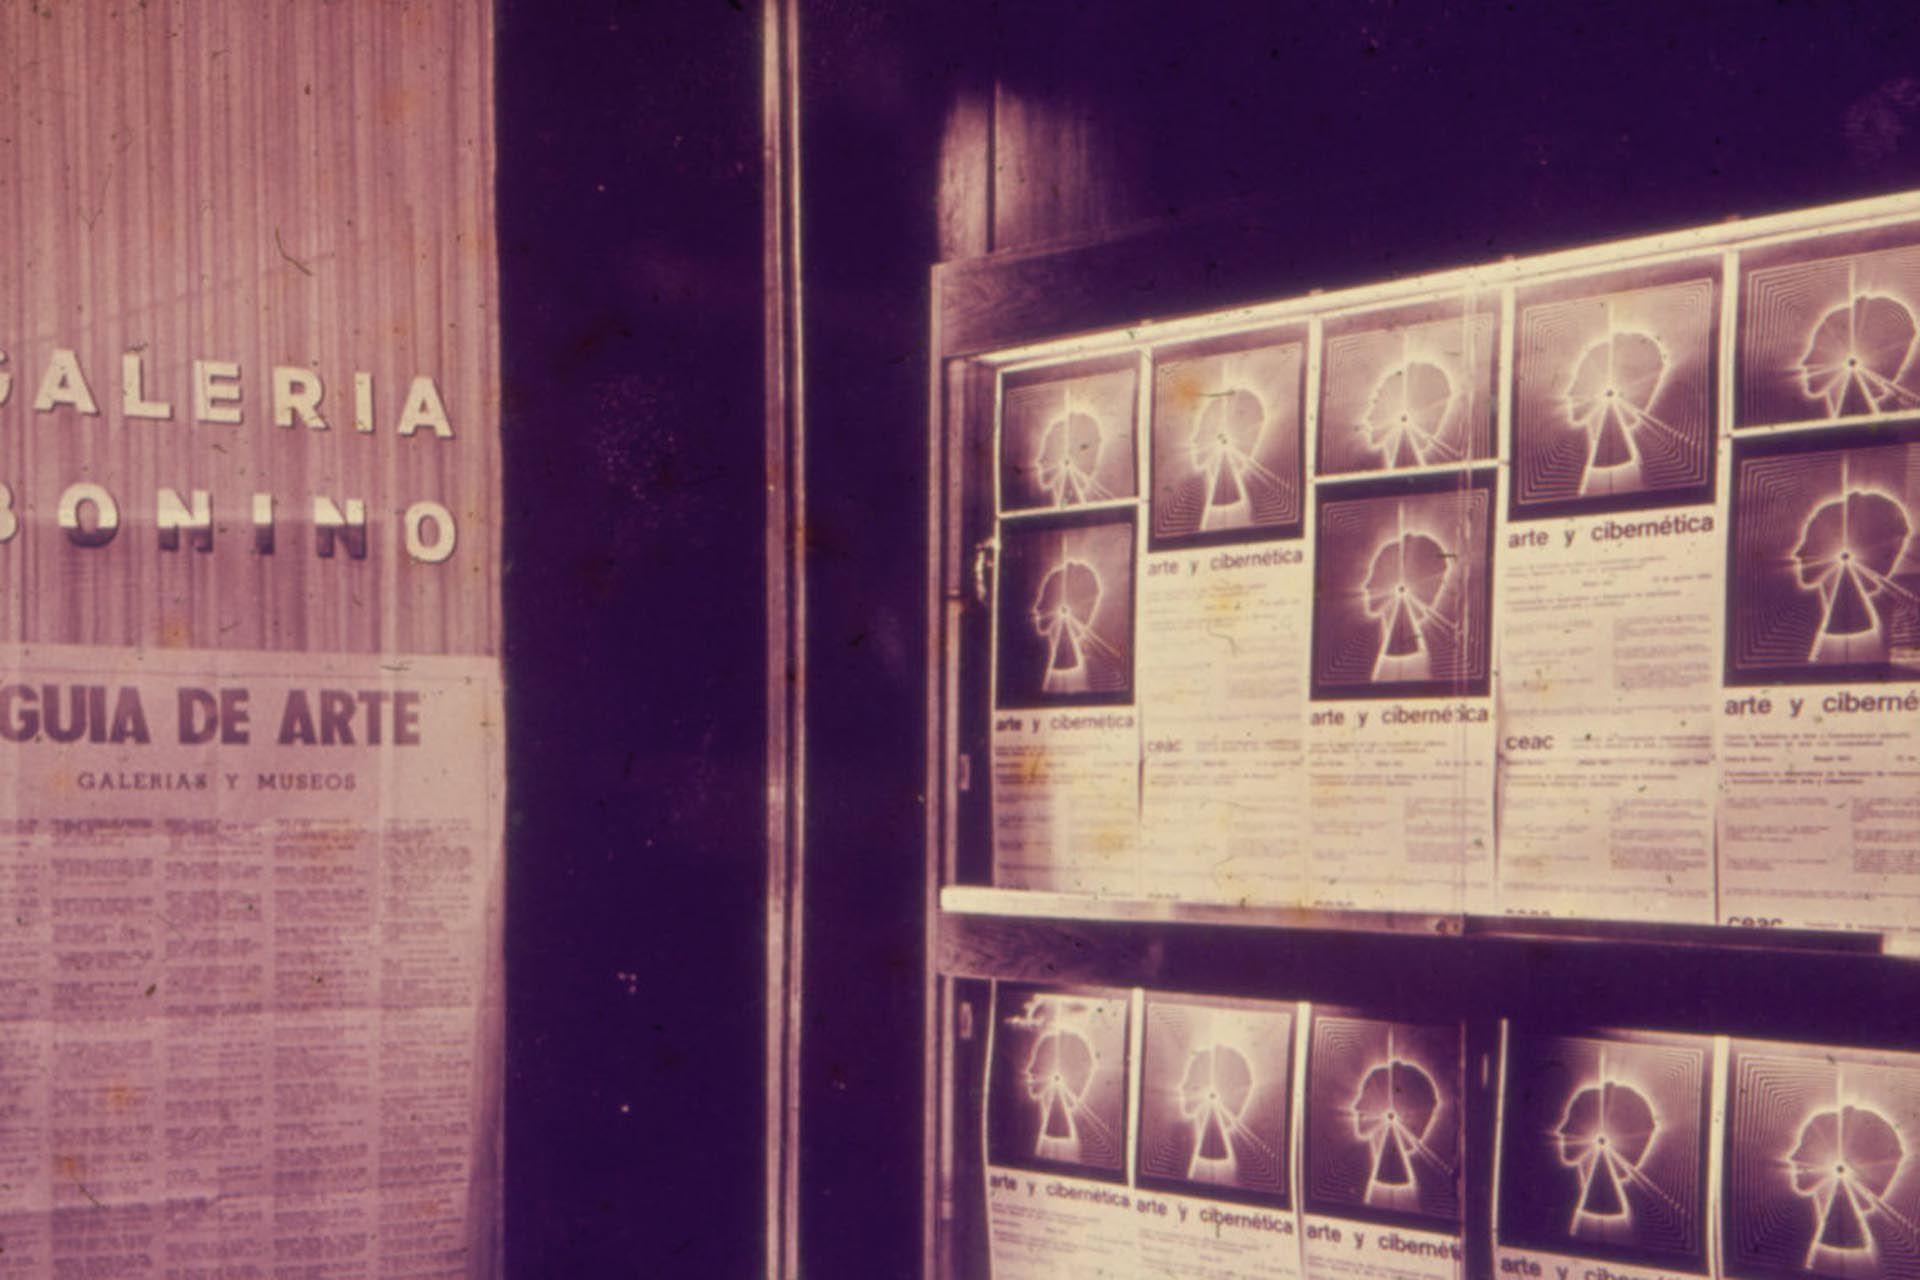 La Fundación Espigas, el mayor archivo de arte latinoamericano, se prepara para inaugurar en octubre en el Consulado argentino de Nueva York